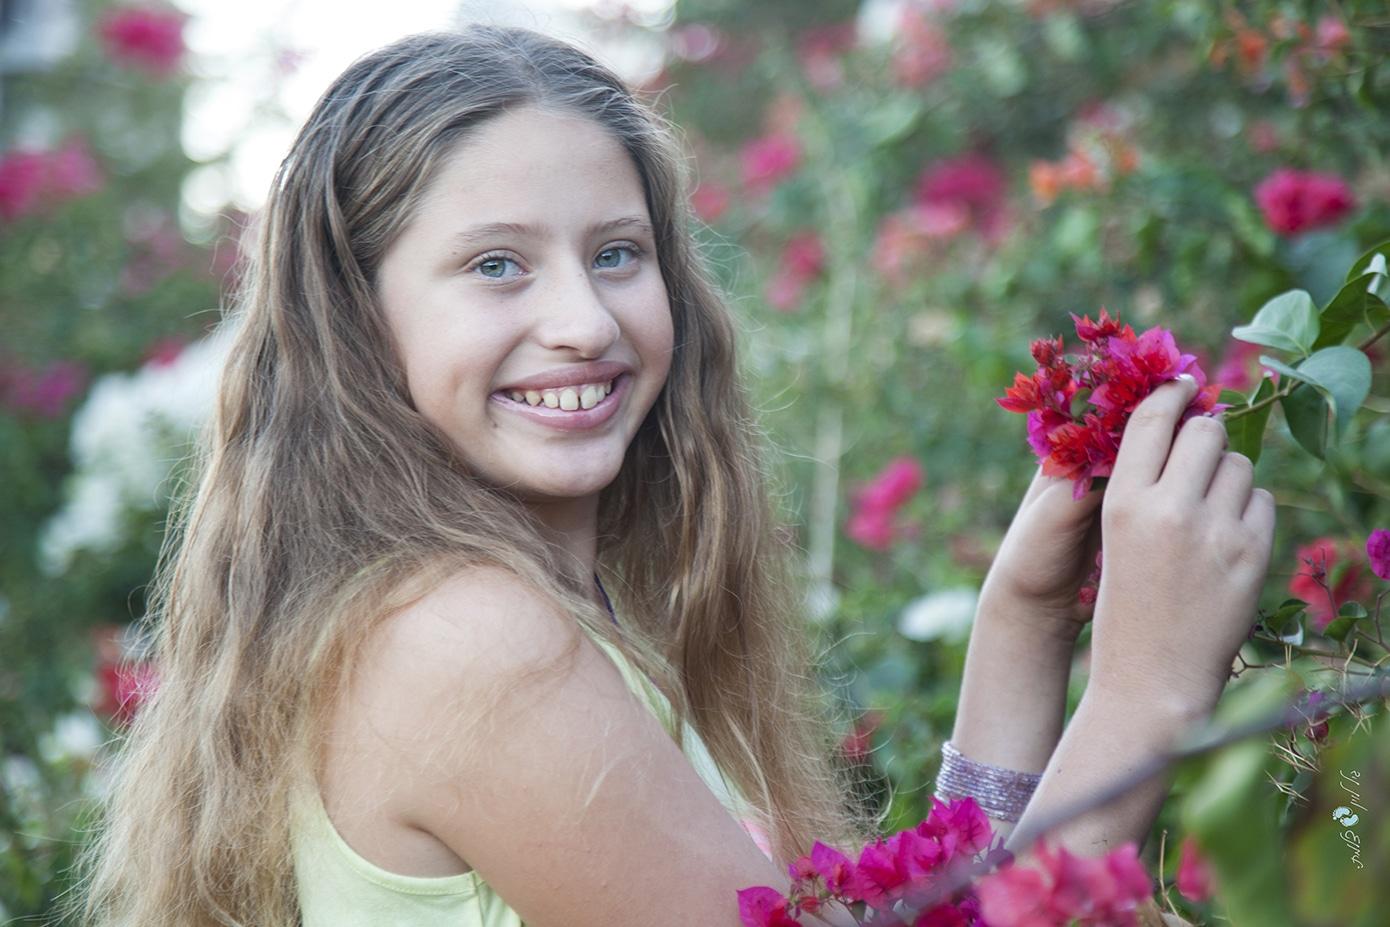 בוק בת מצווה לנועה - סטודיו גיל לוין (11)